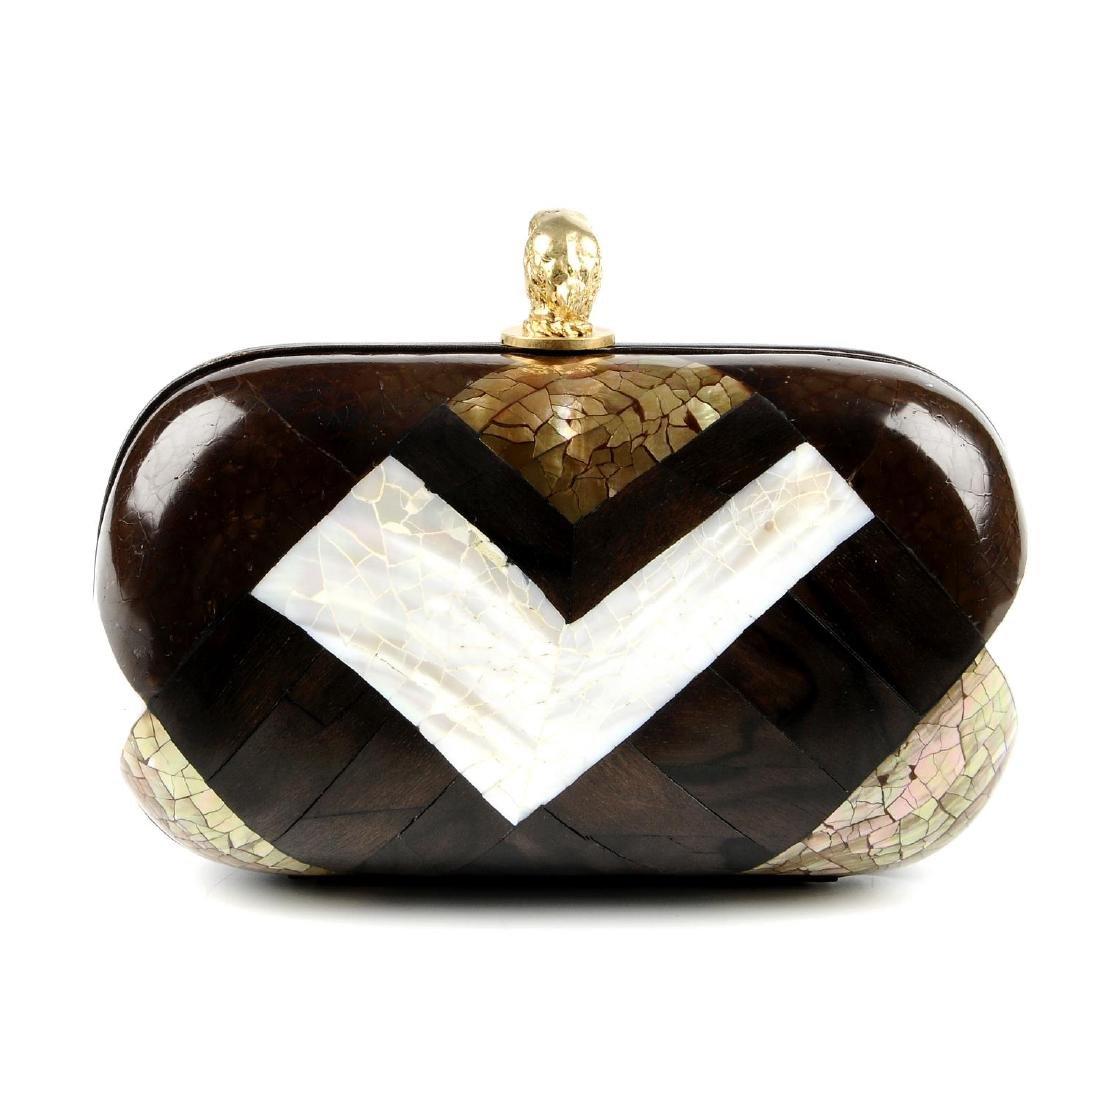 EMILIO PUCCI - a marbled mosaic box clutch. Featuring a